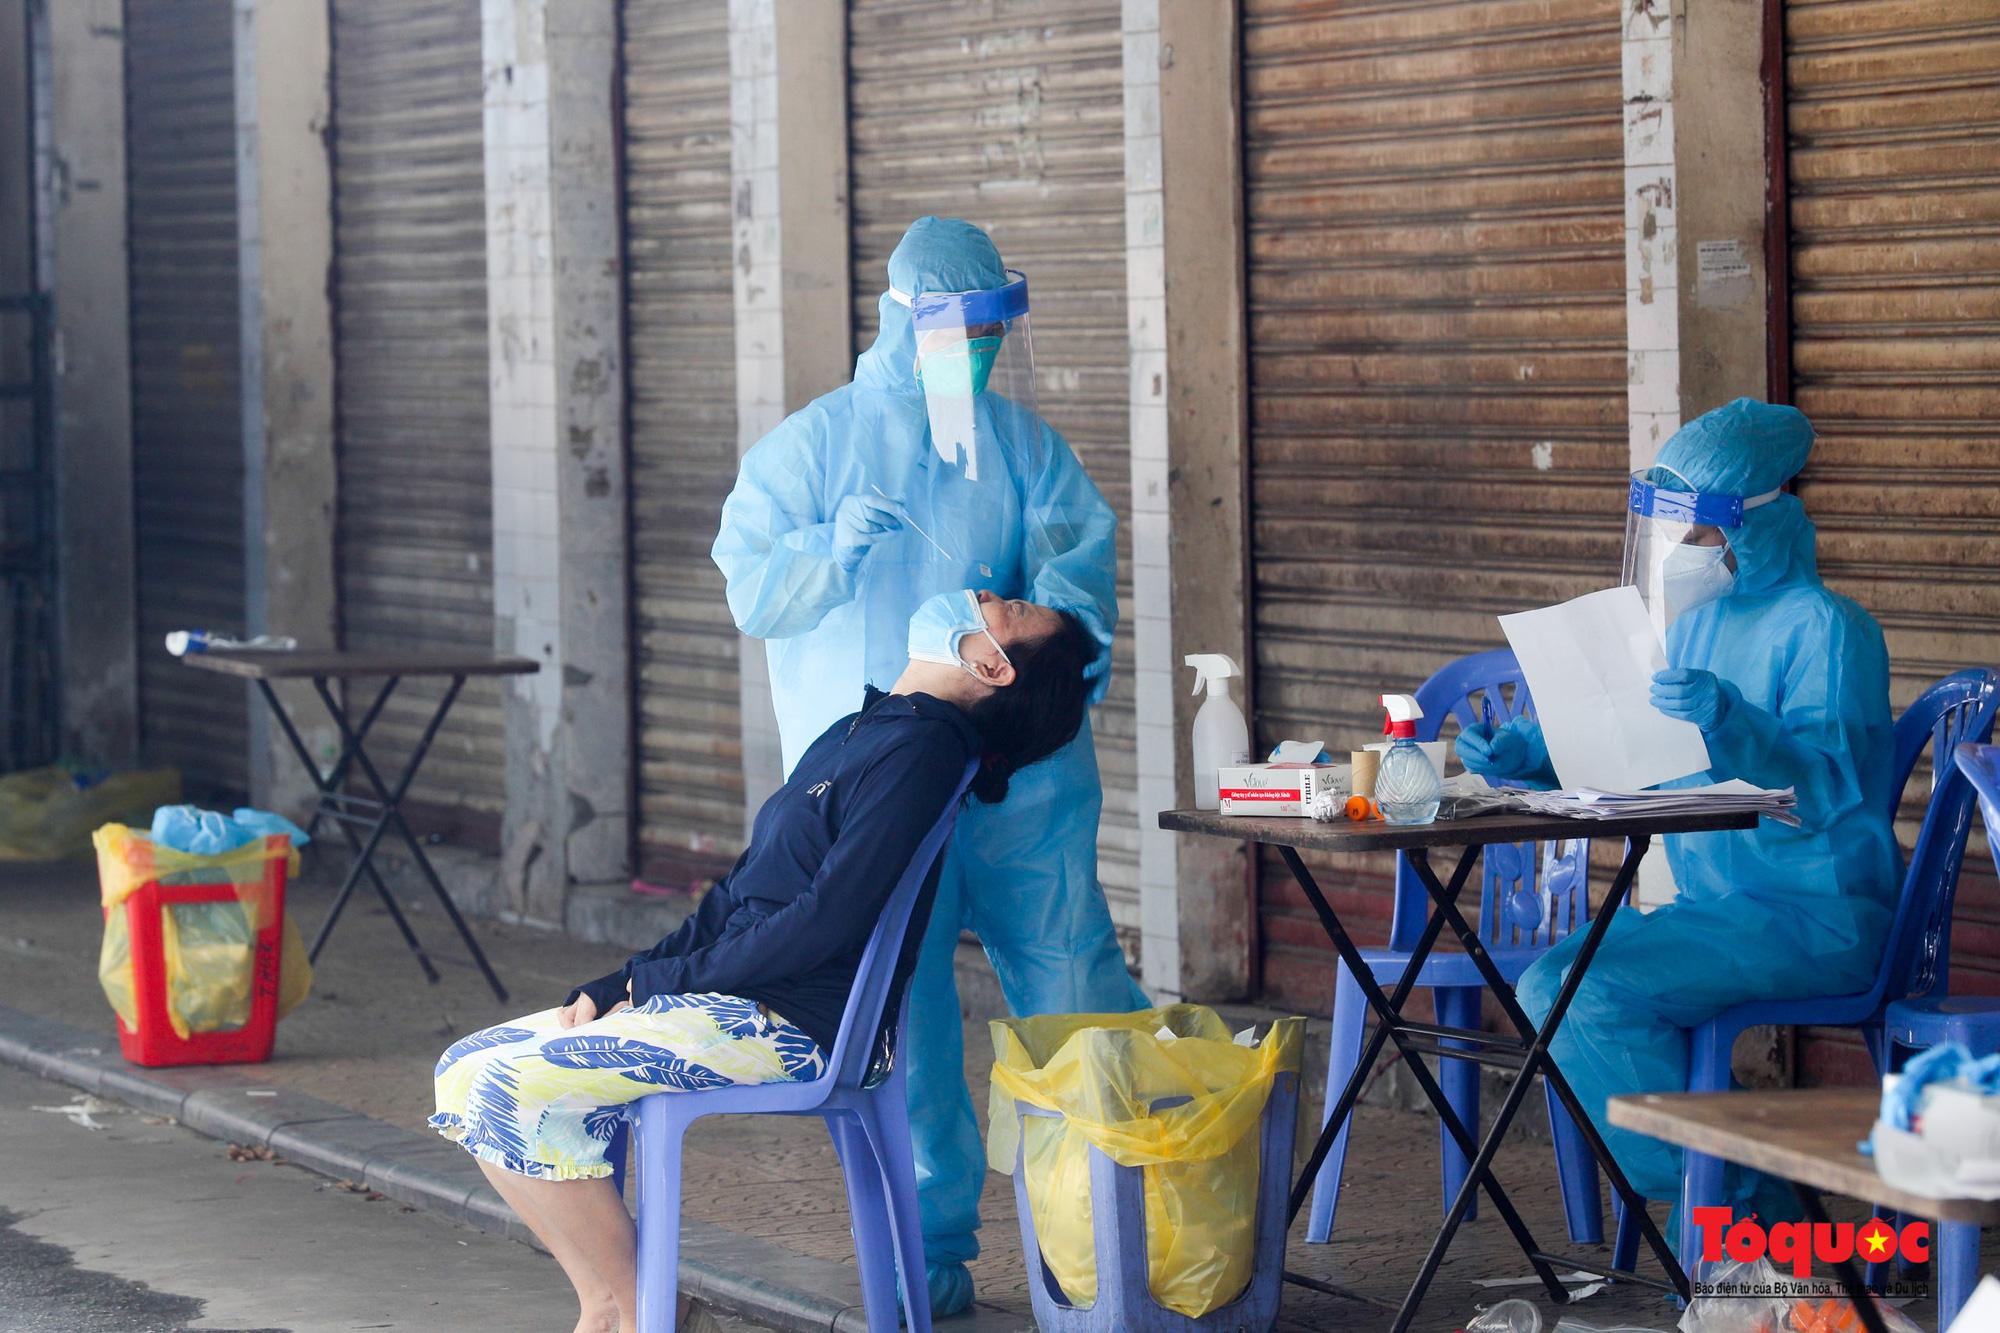 Hà Nội: Thần tốc xét nghiệm Covid-19 cho 100% người dân trên địa bàn - Ảnh 15.